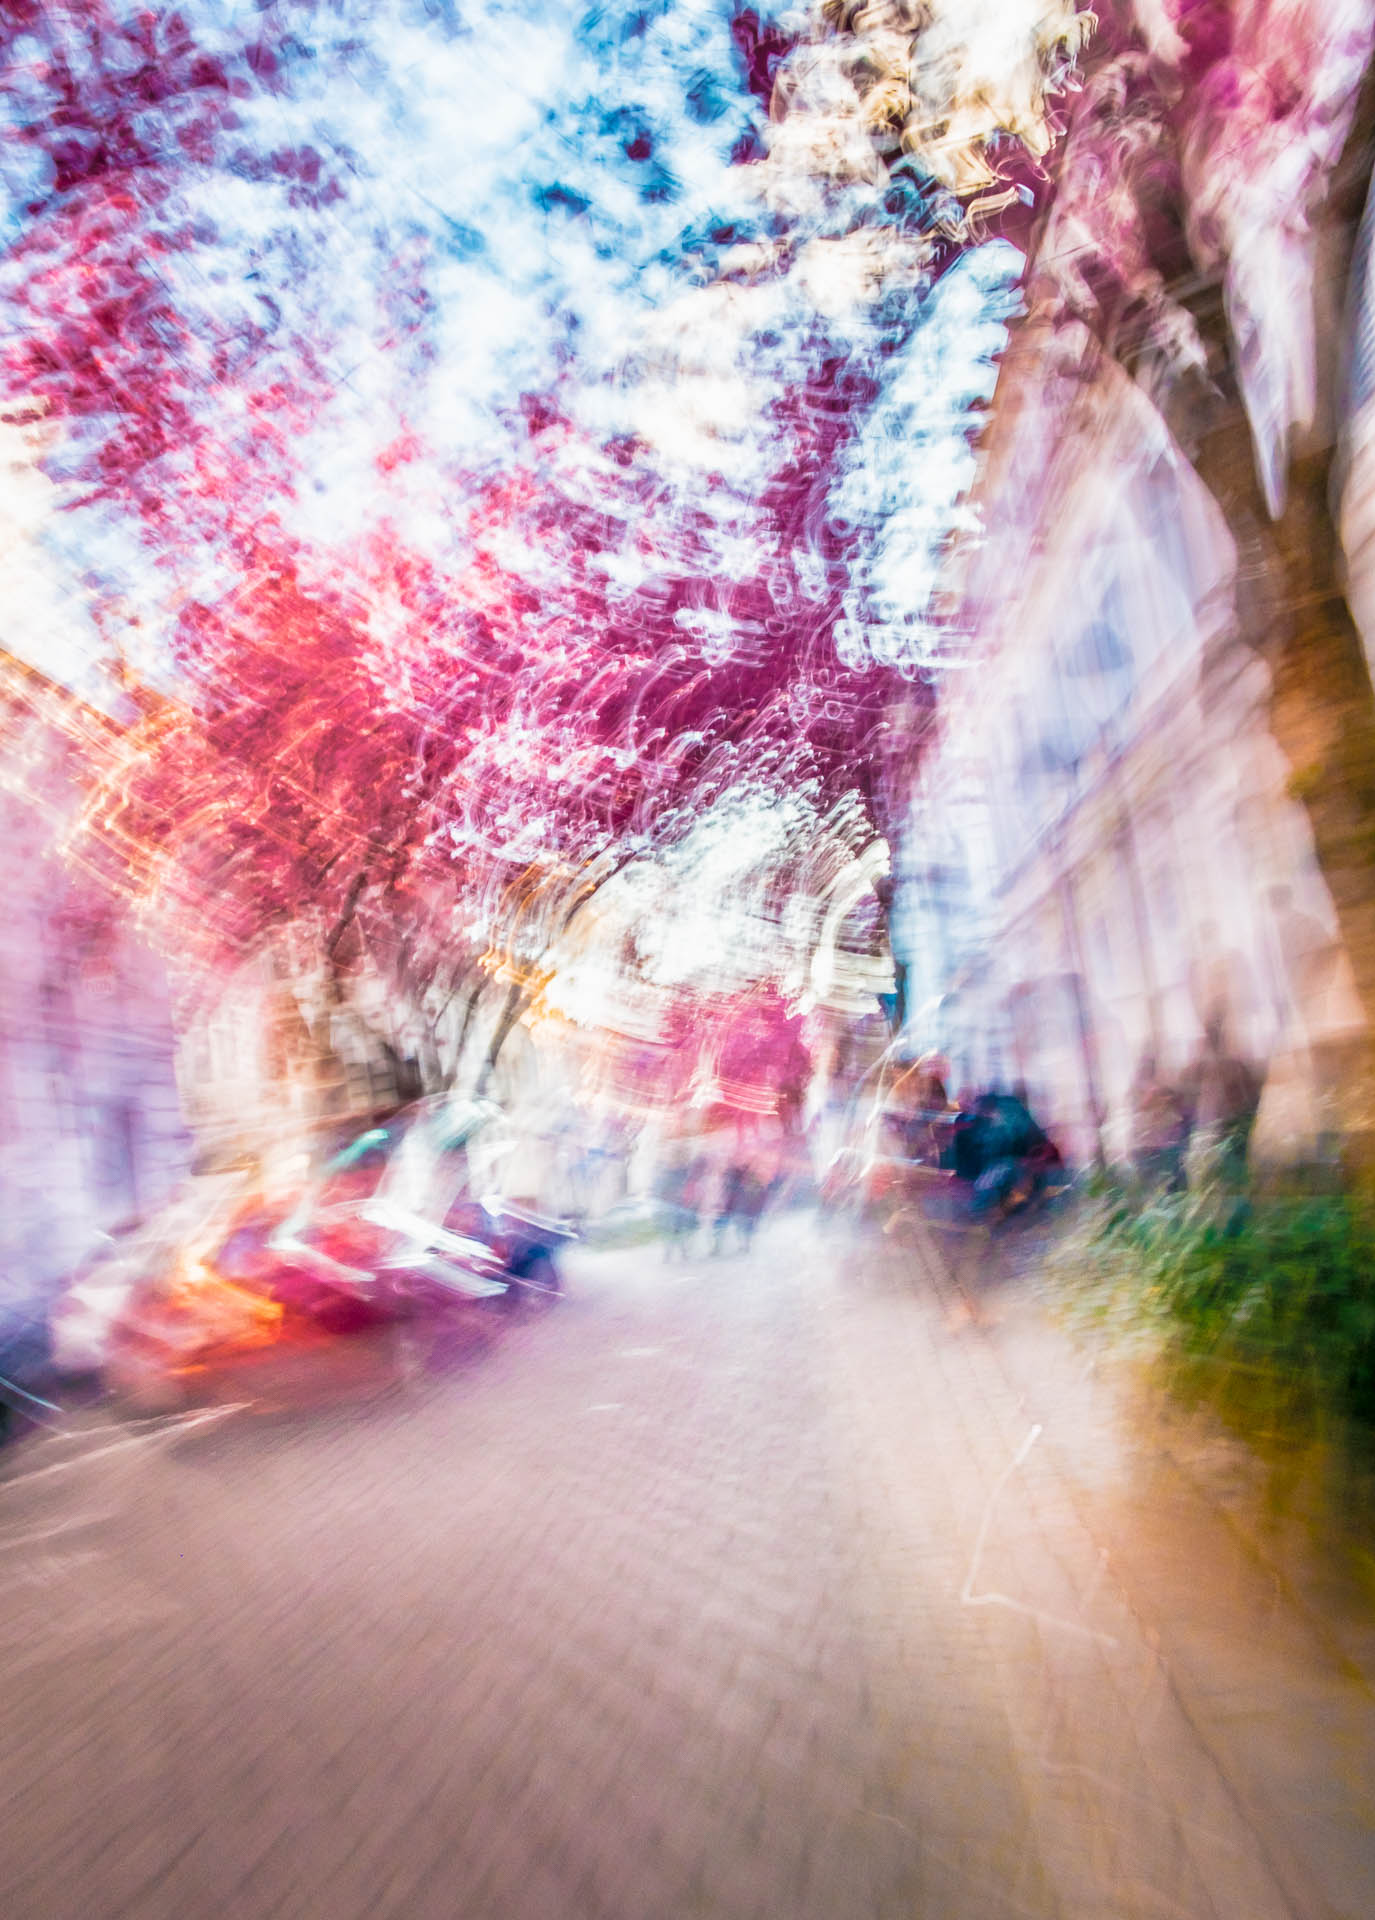 Bonn_Cherries_Movingscape-DSCF7241-Edit-1.jpg